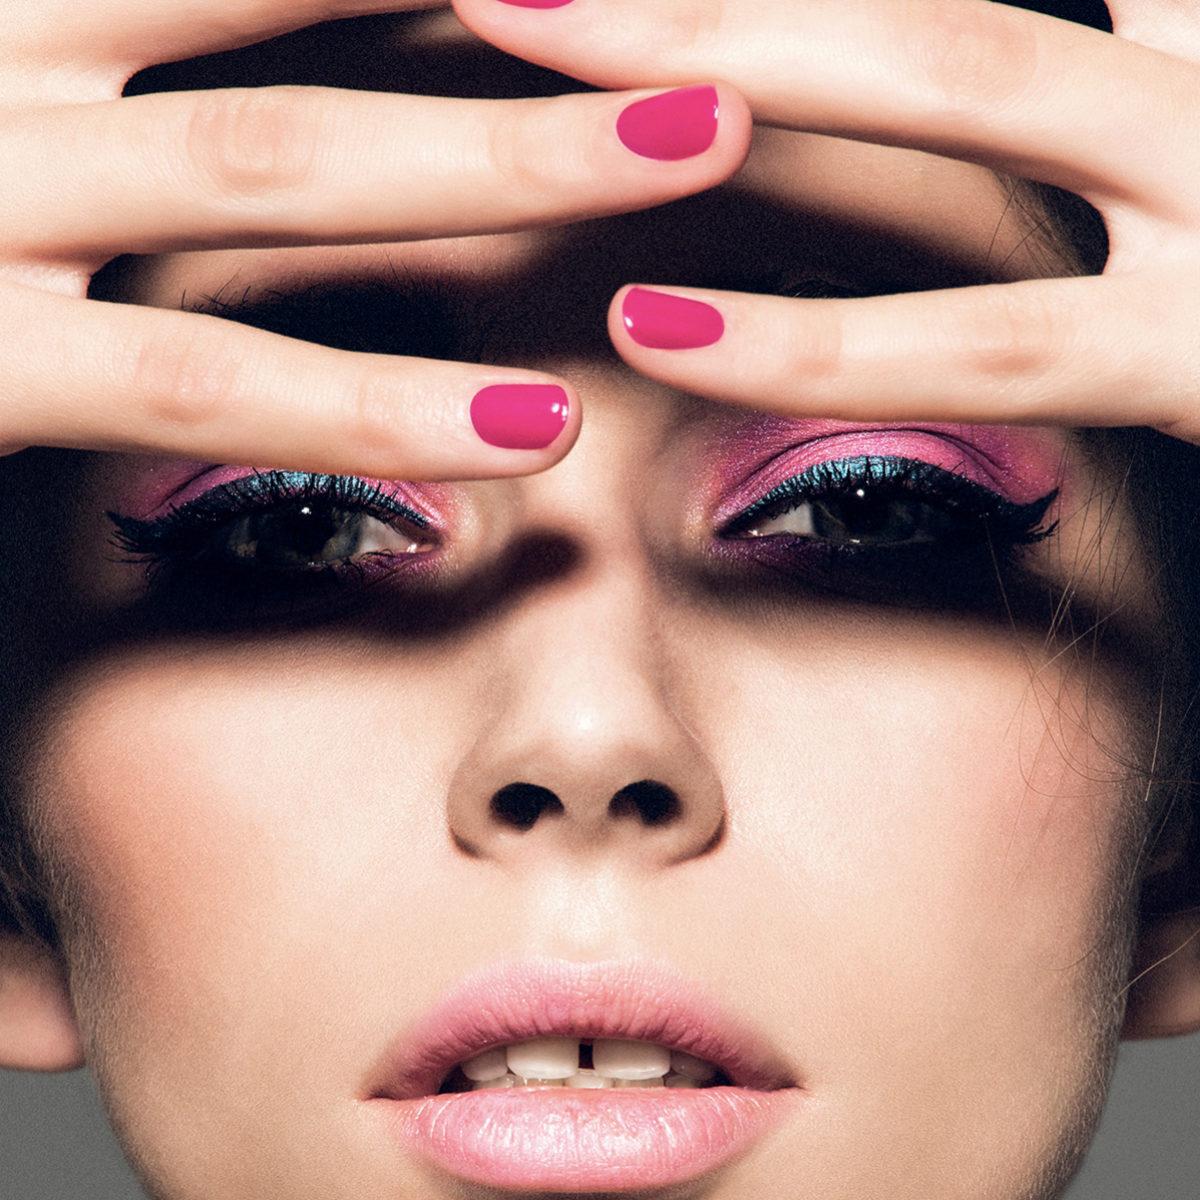 Para proteger nuestras uñas tenemos que recurrir siempre a los...